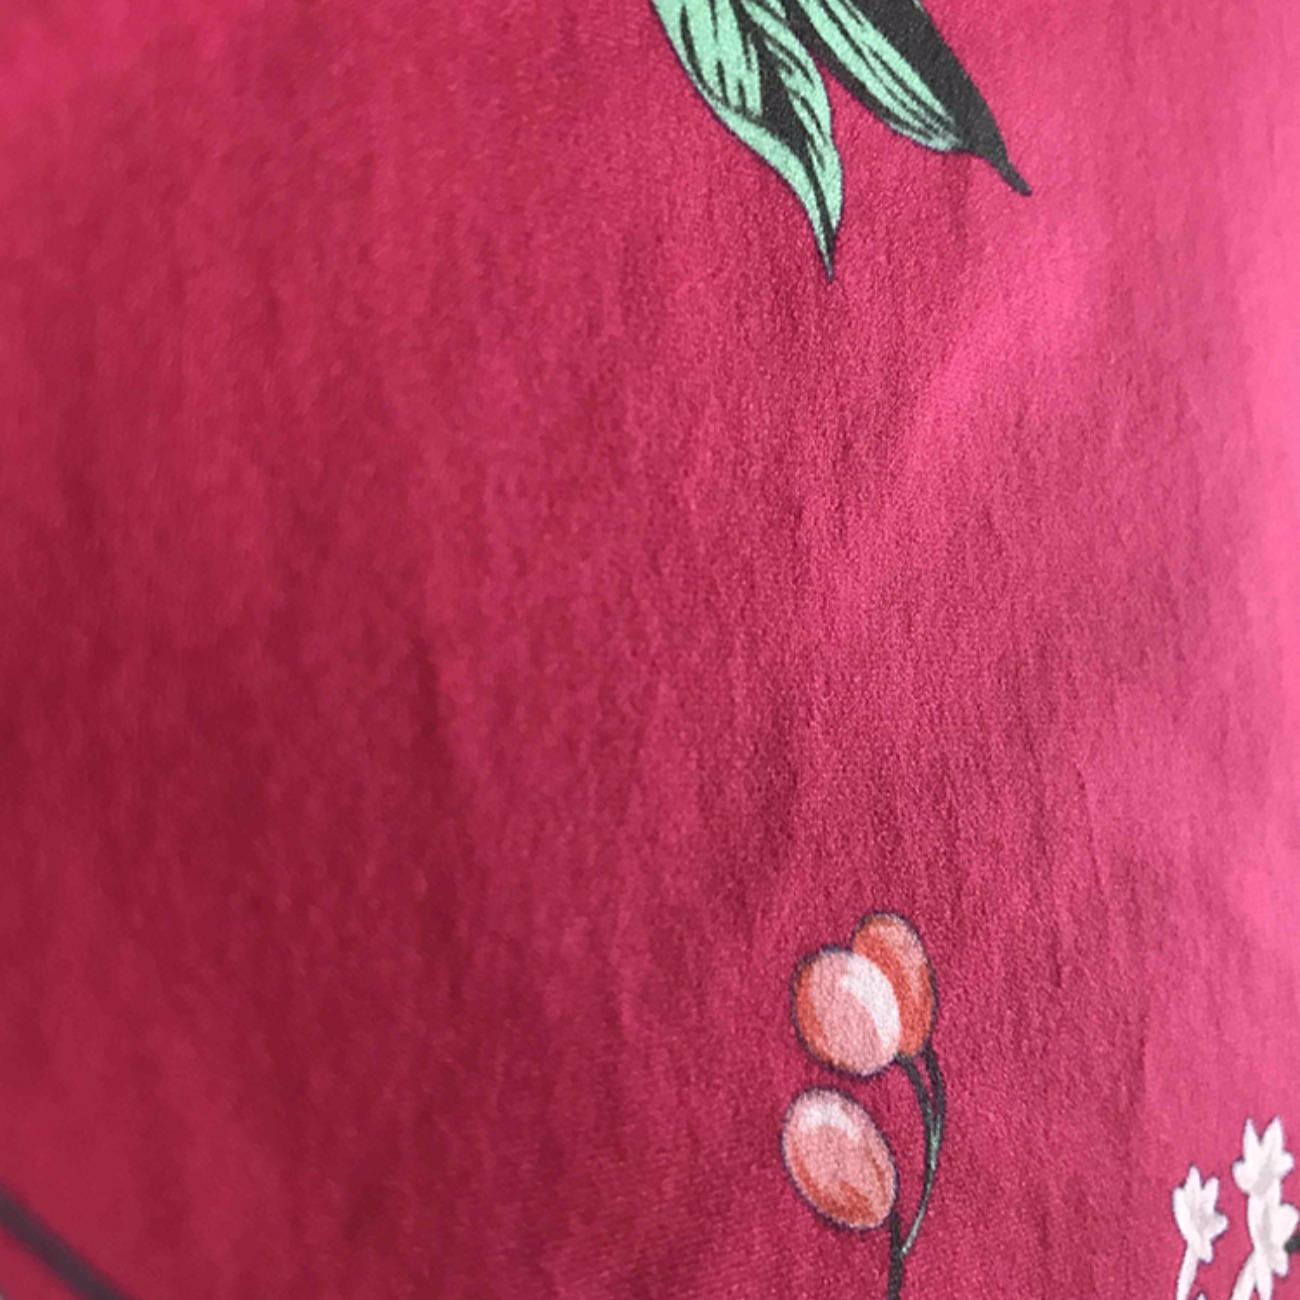 添瑞纺织厂家直销植物印花莱卡布